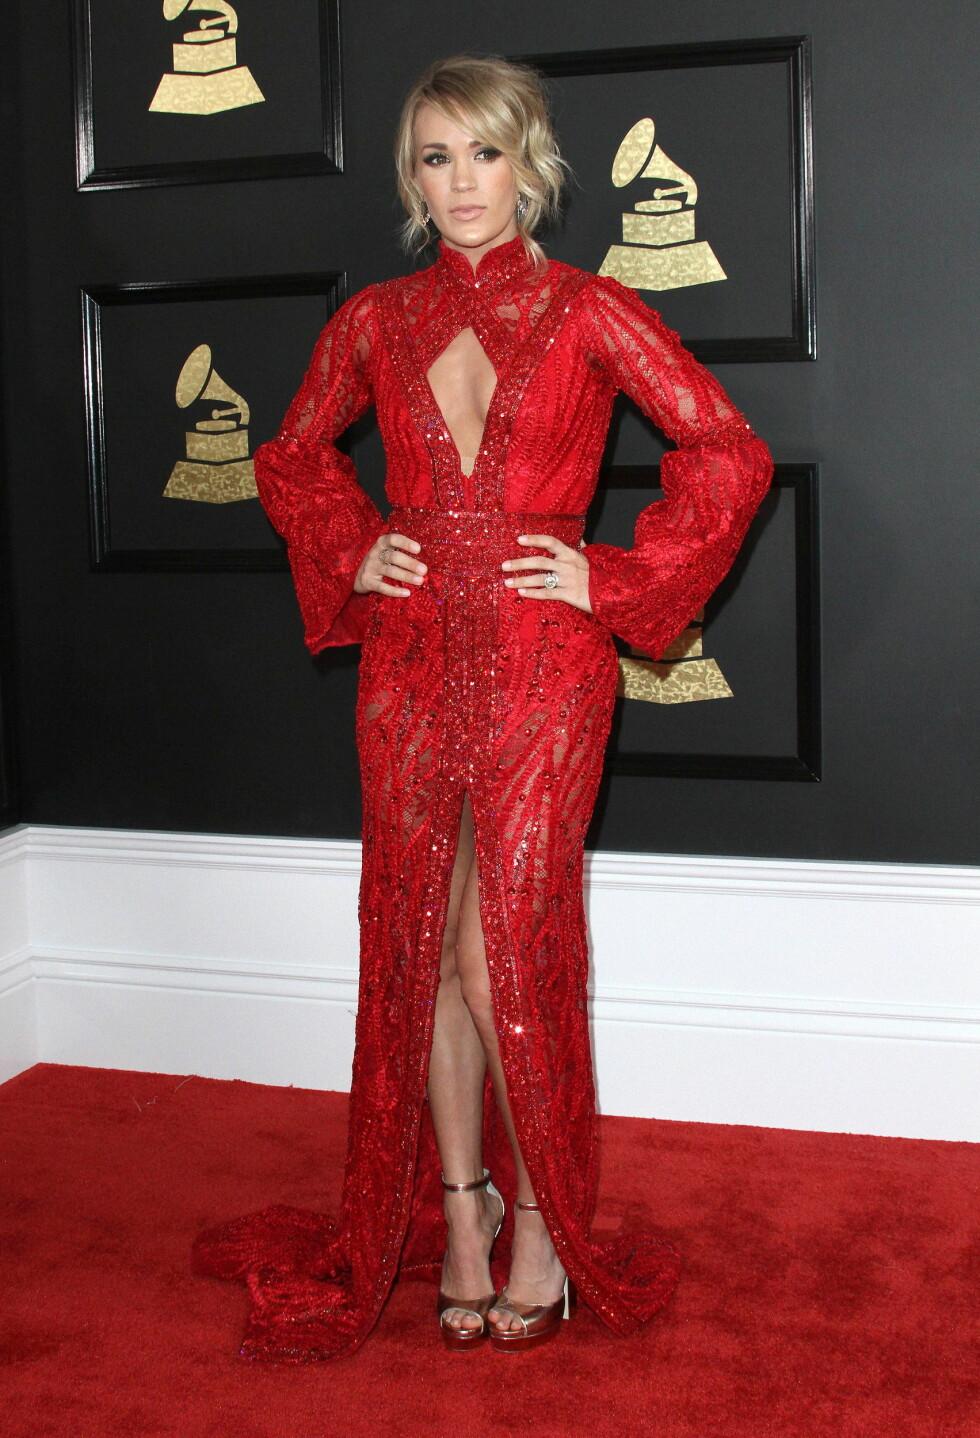 GRAMMY AWARDS: Carrie Underwood Foto: Zuma Press